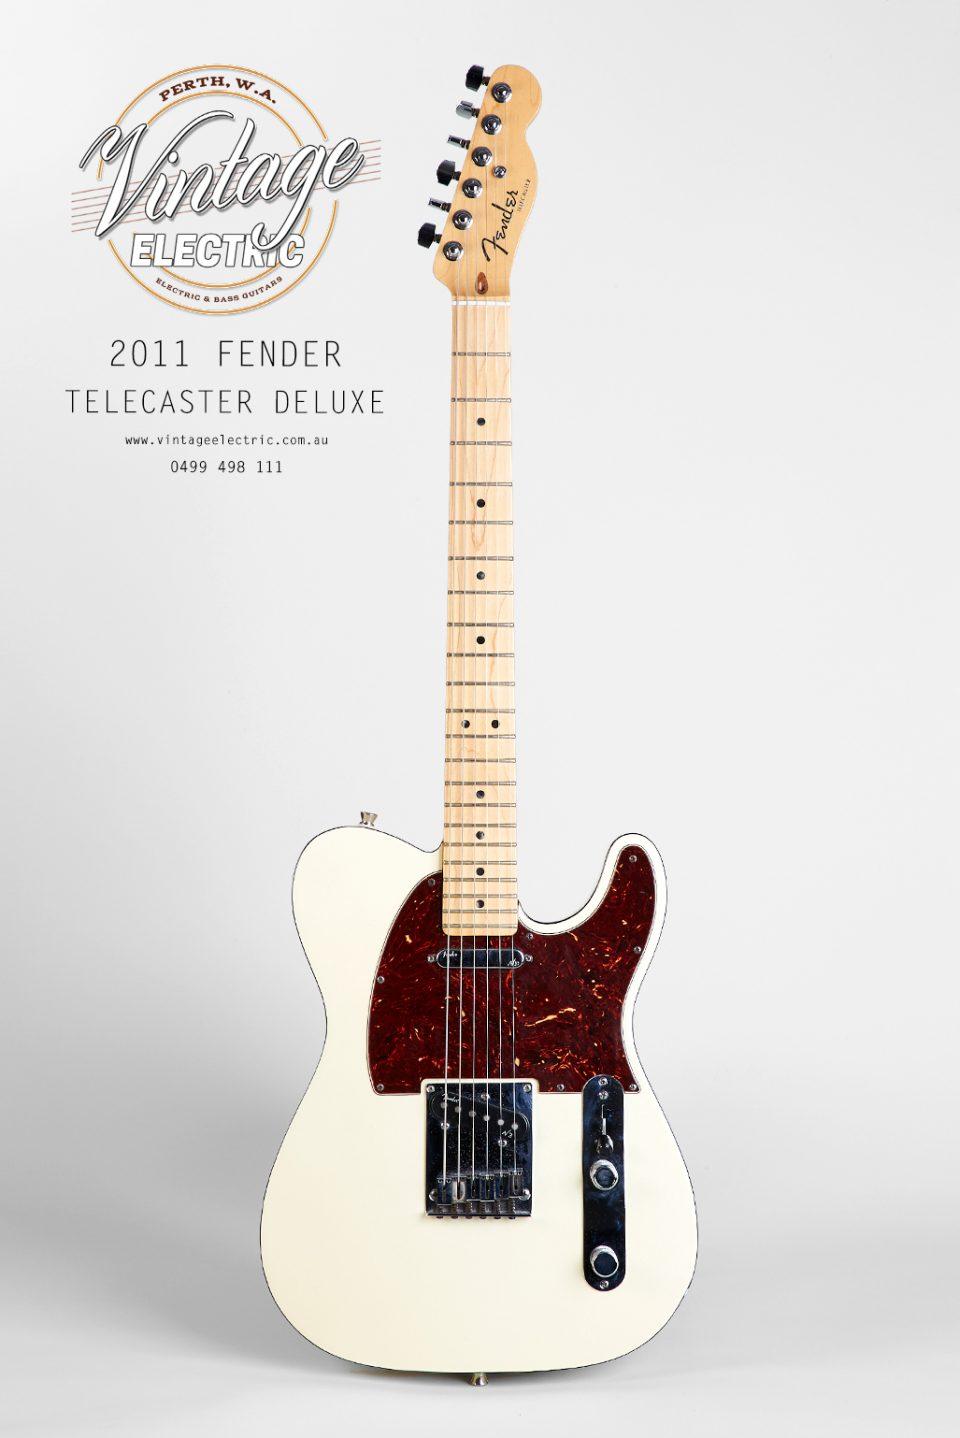 2011 Fender Telecaster Deluxe